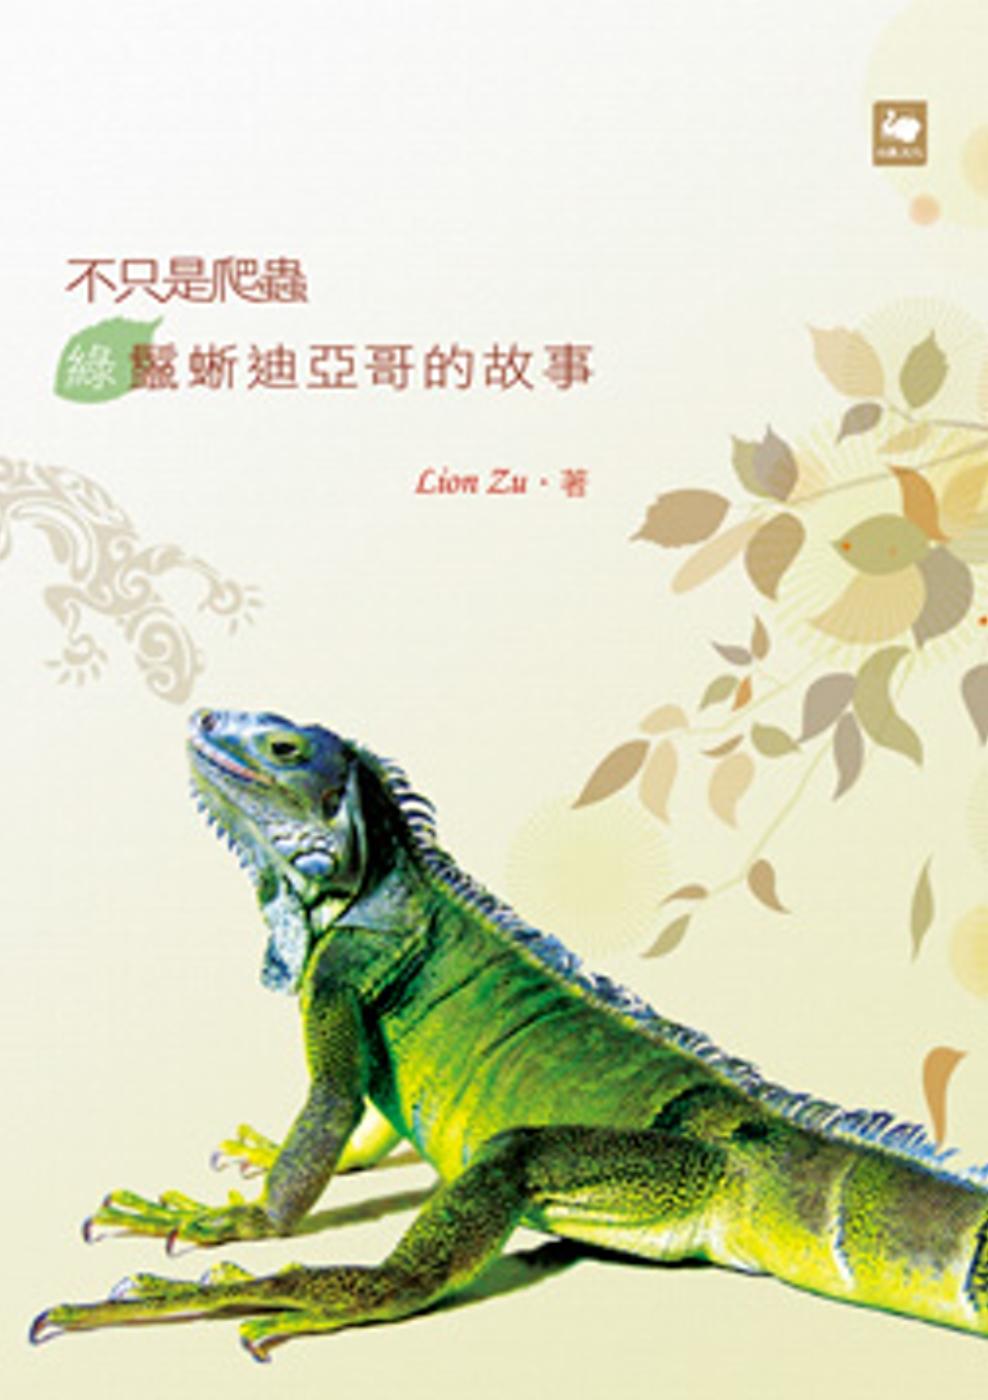 不只是爬蟲:綠鬣蜥迪亞哥的故事